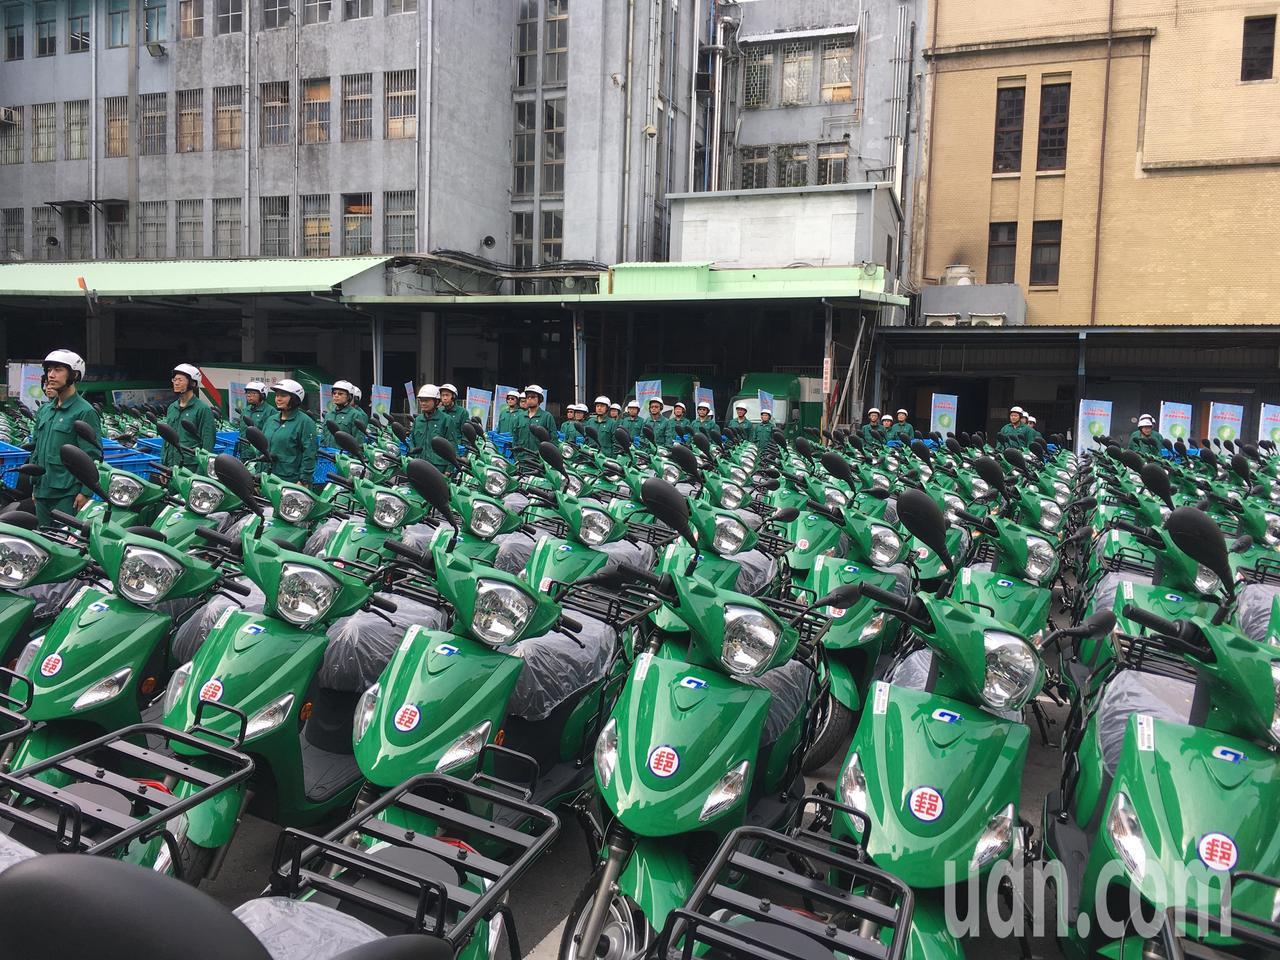 中華郵政今年舉辦電動機車車隊成軍誓師大會。記者雷光涵/攝影